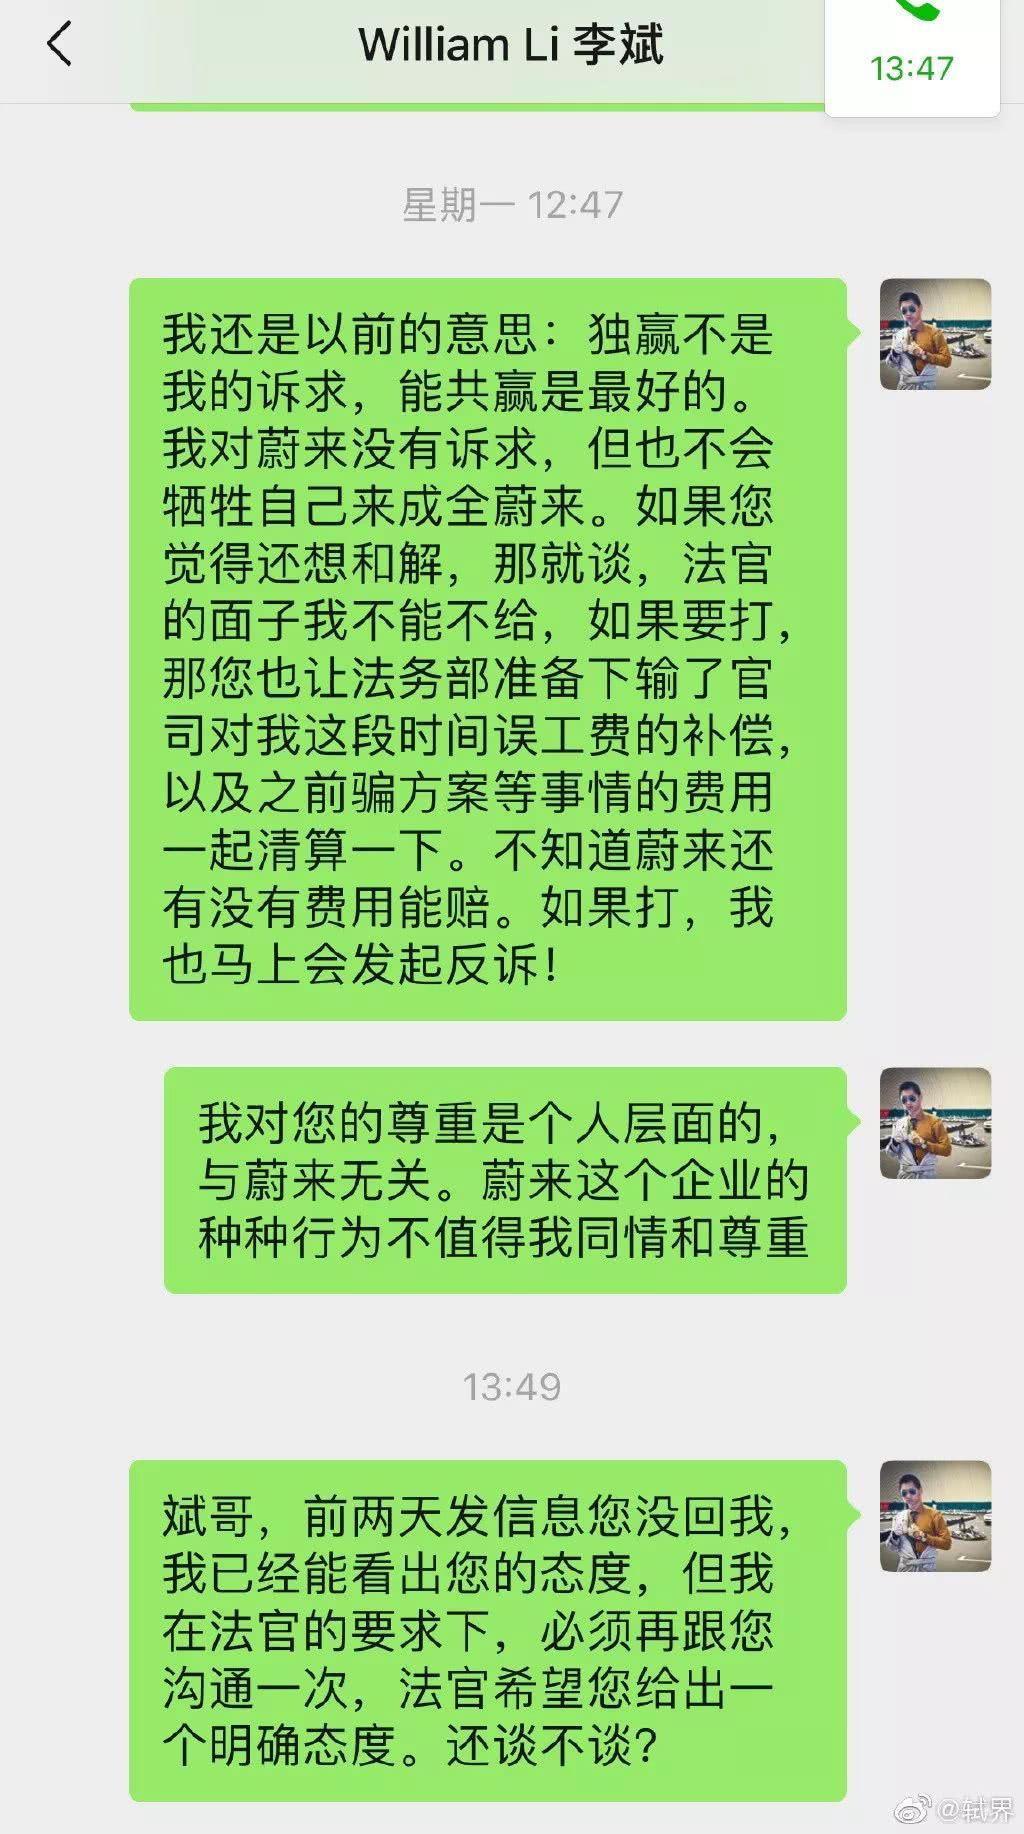 「万通彩票网app」新疆沙雅:秋意渐浓时去奔赴一场视觉盛宴